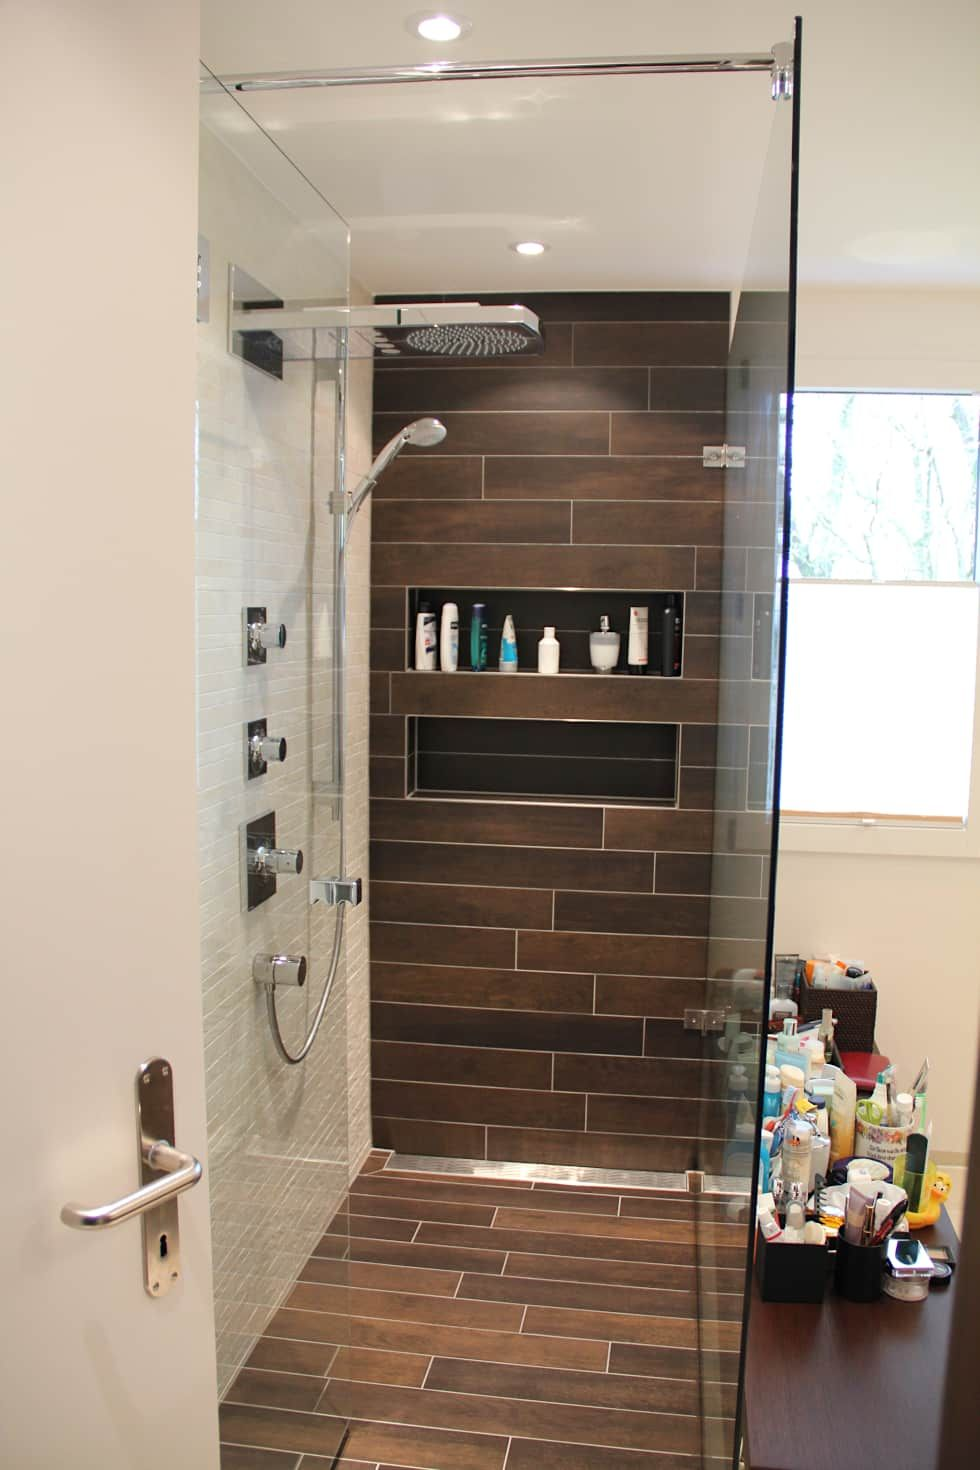 Begehbare Duschen Mediterrane Badezimmer Von Bauarena Mediterran Homify Badezimmer Badezimmer Gestalten Badezimmer Innenausstattung